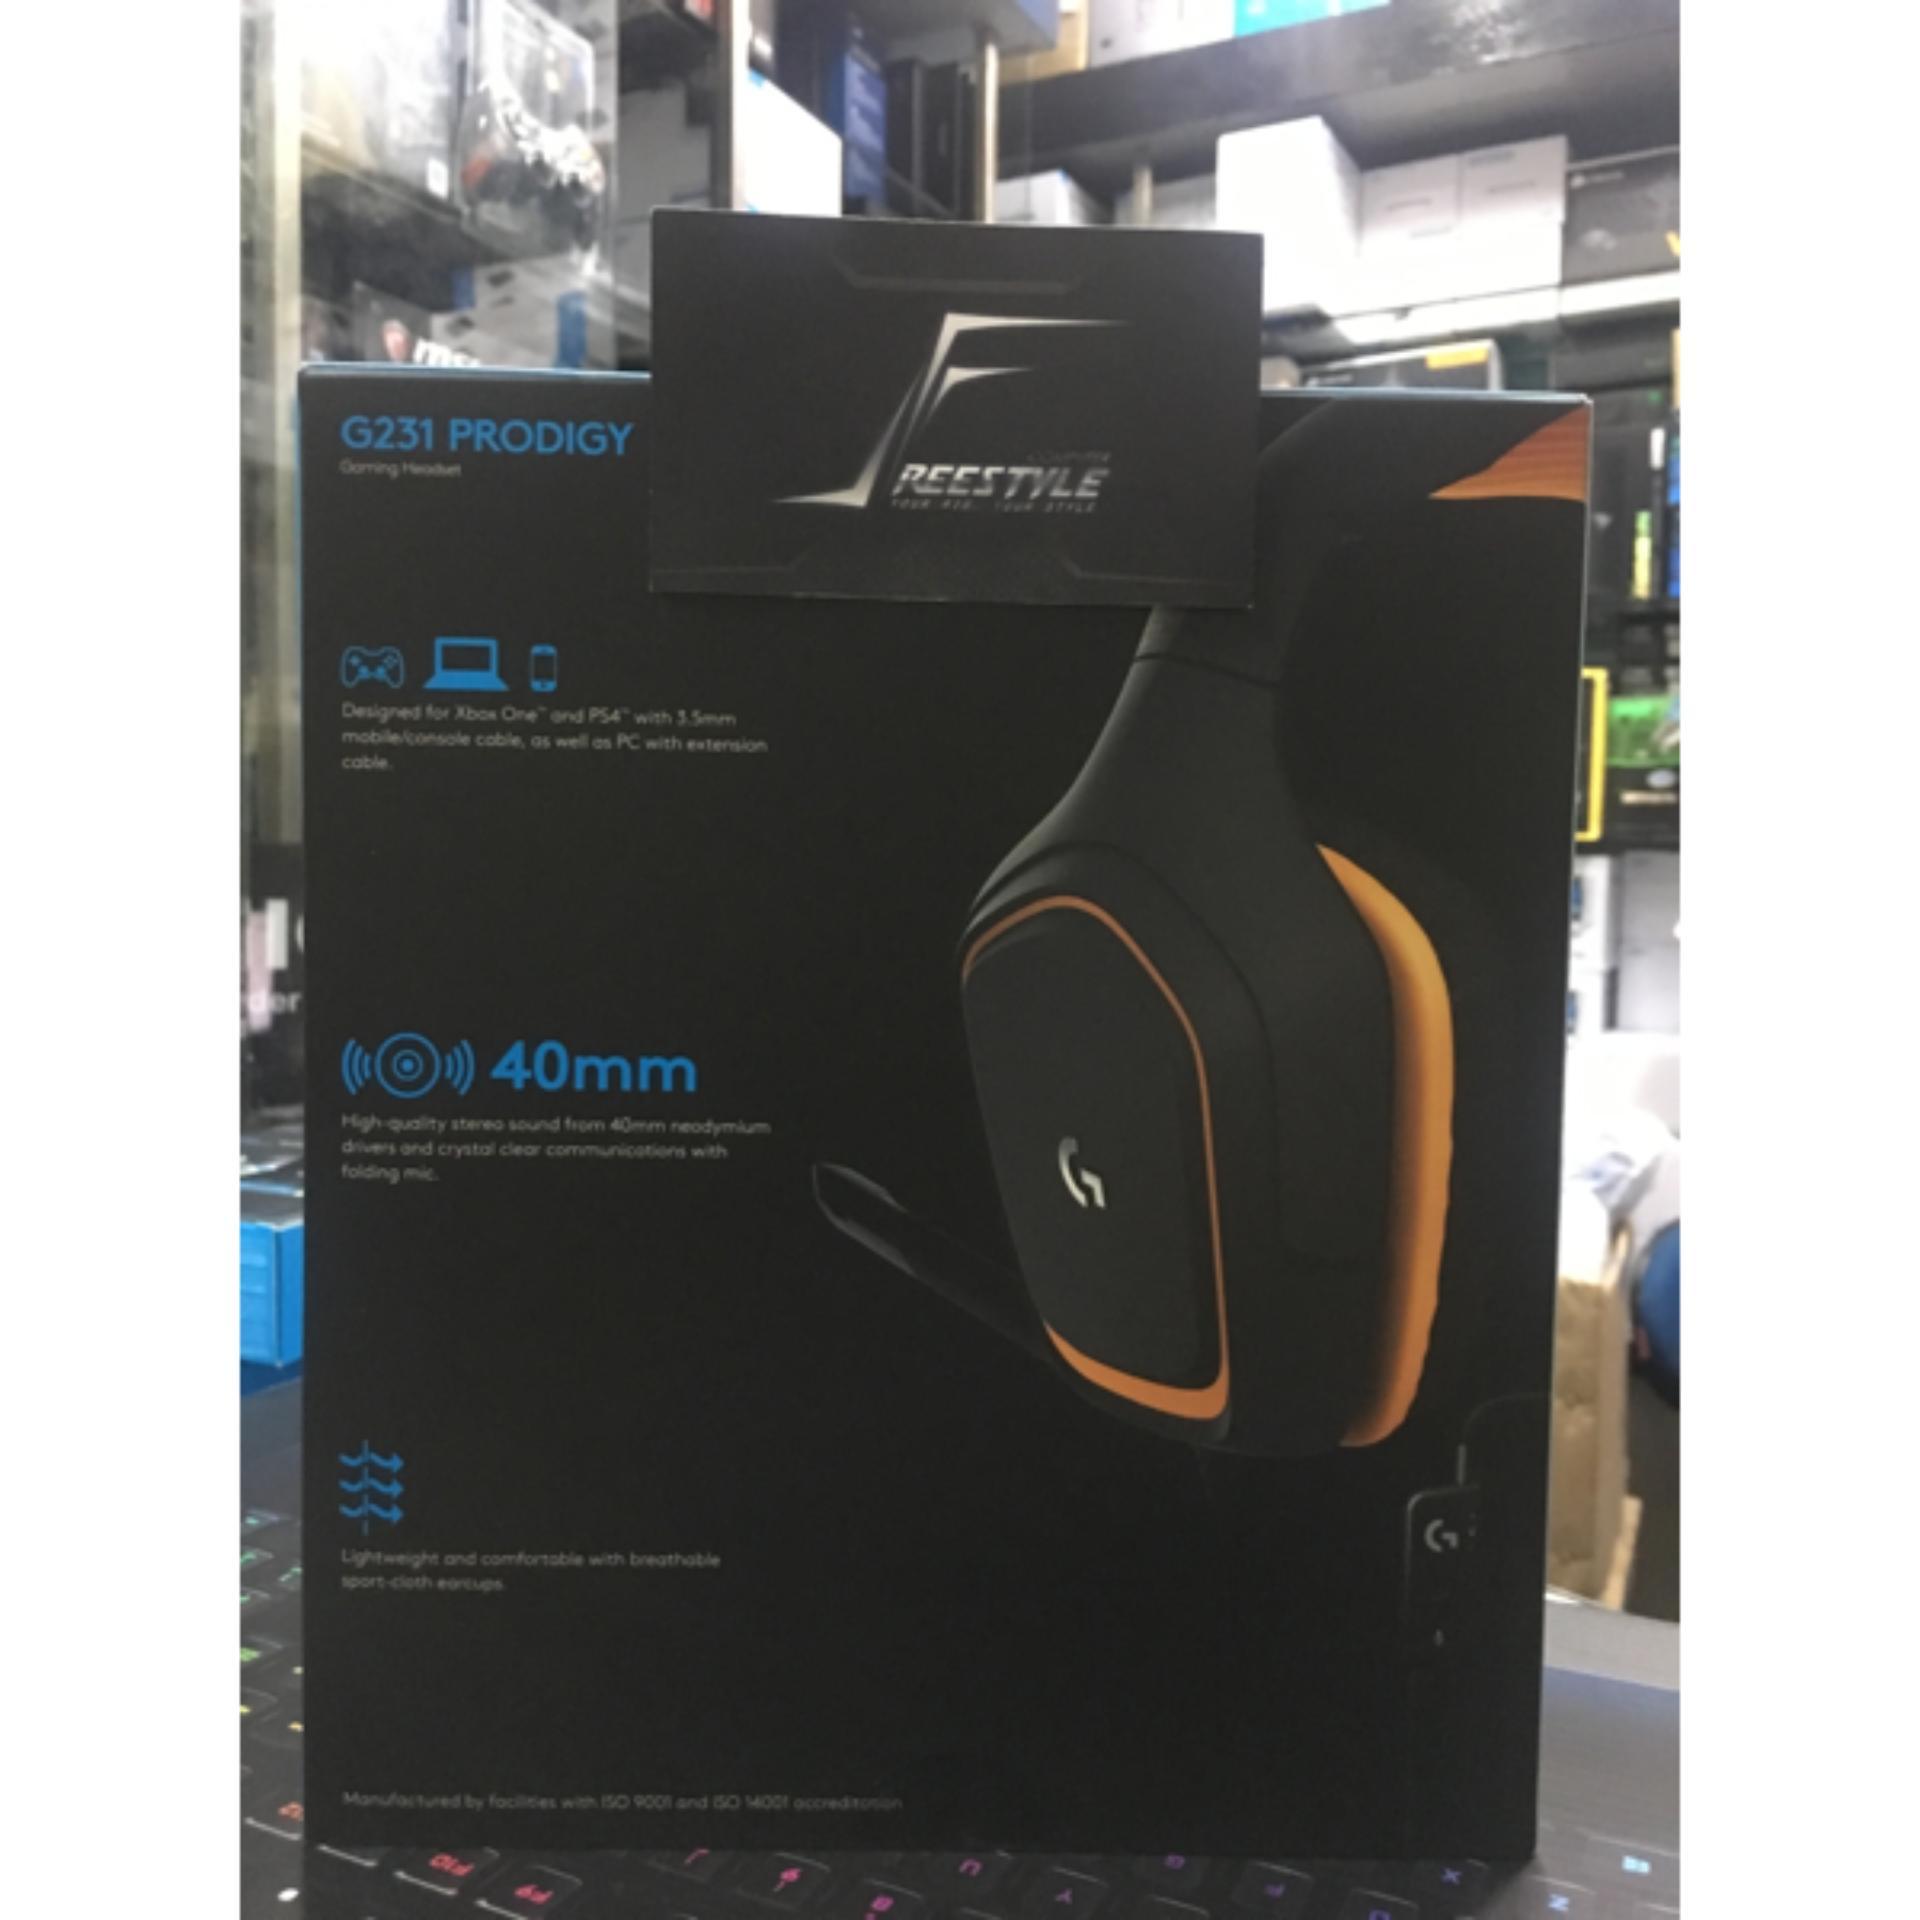 Online Murah Logitech G231 Prodigy Gaming Headset Garansi Resmi 2 Tahun Mouse G102 Indo Thn